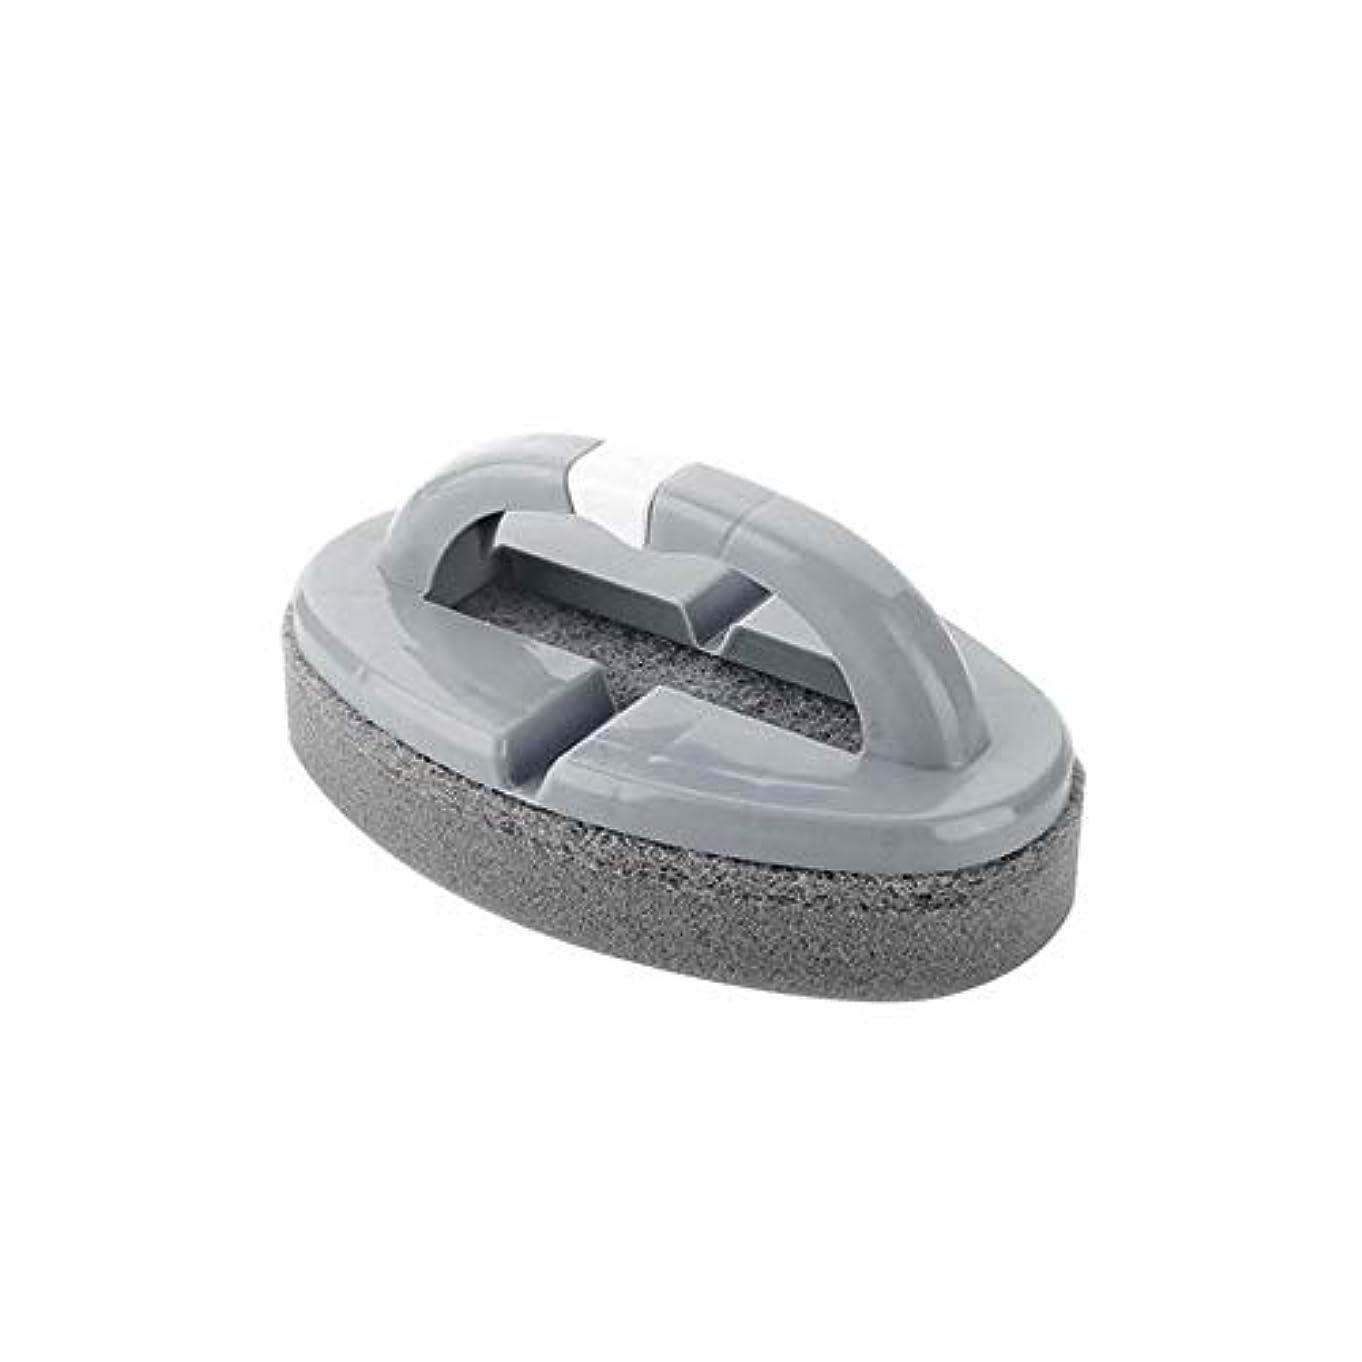 マネージャー危機より良いポアクリーニング 折りたたみスポンジハンドル付きハンドルバスルームタイルクリーニングブラシ2 PCS マッサージブラシ (色 : C)